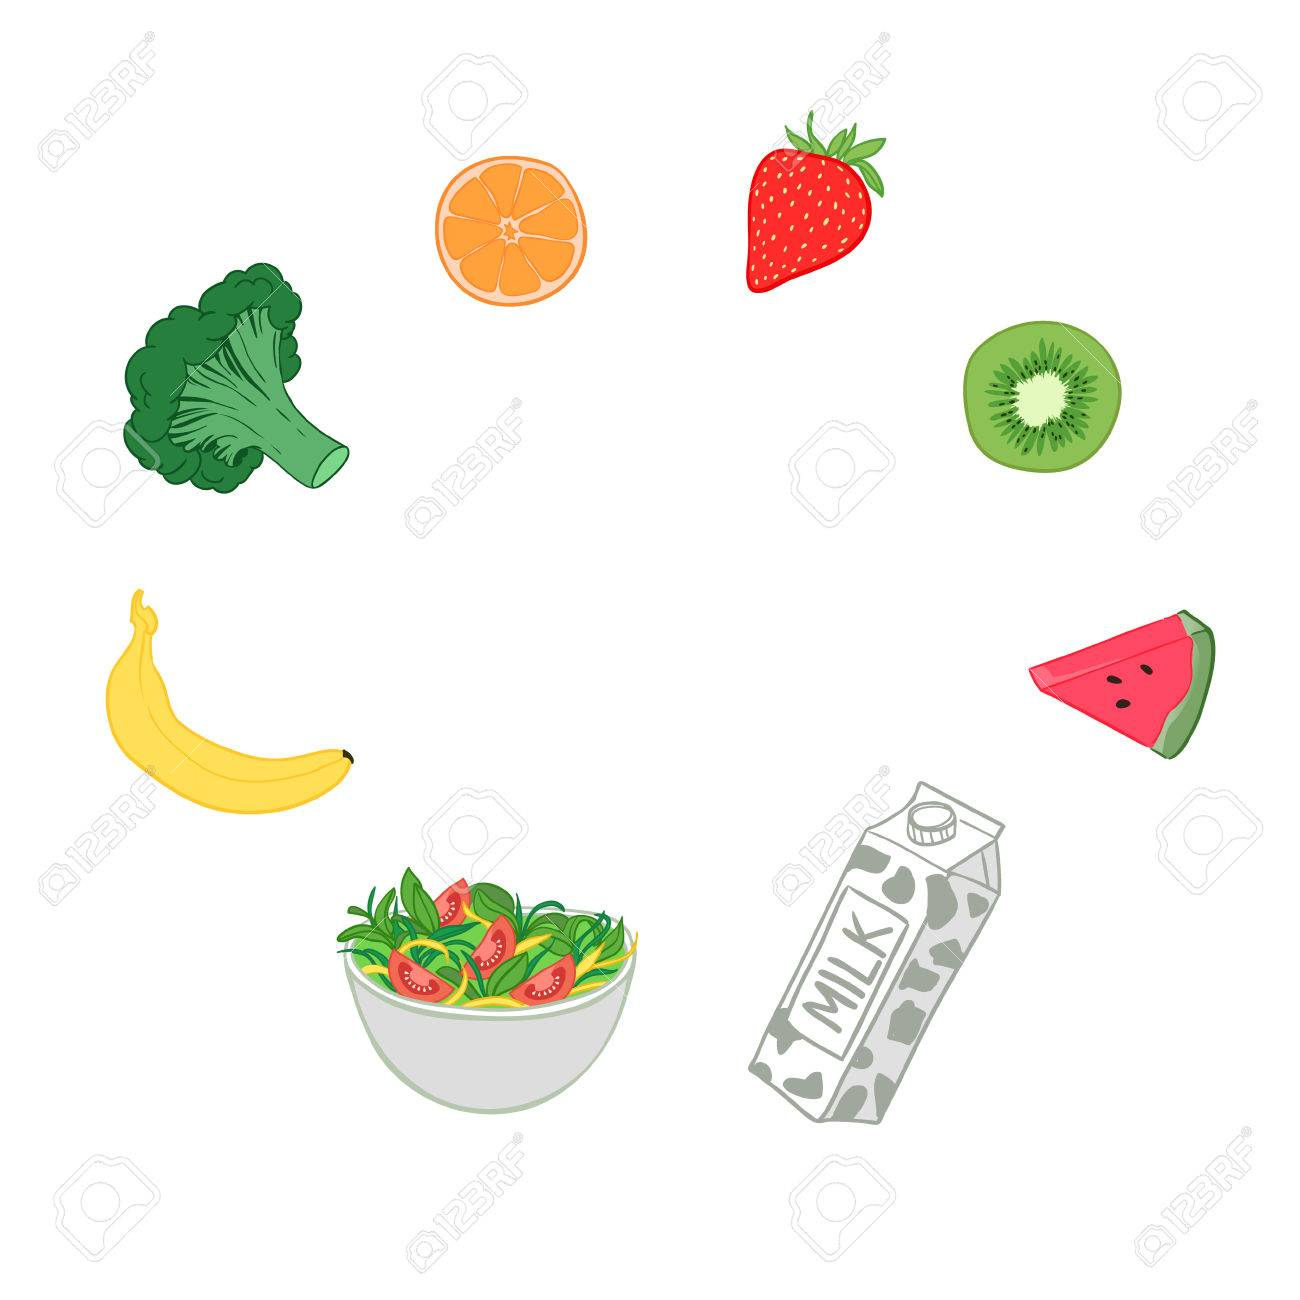 手書きのベクトル イラスト 健康的な食事果物と野菜のイラスト素材